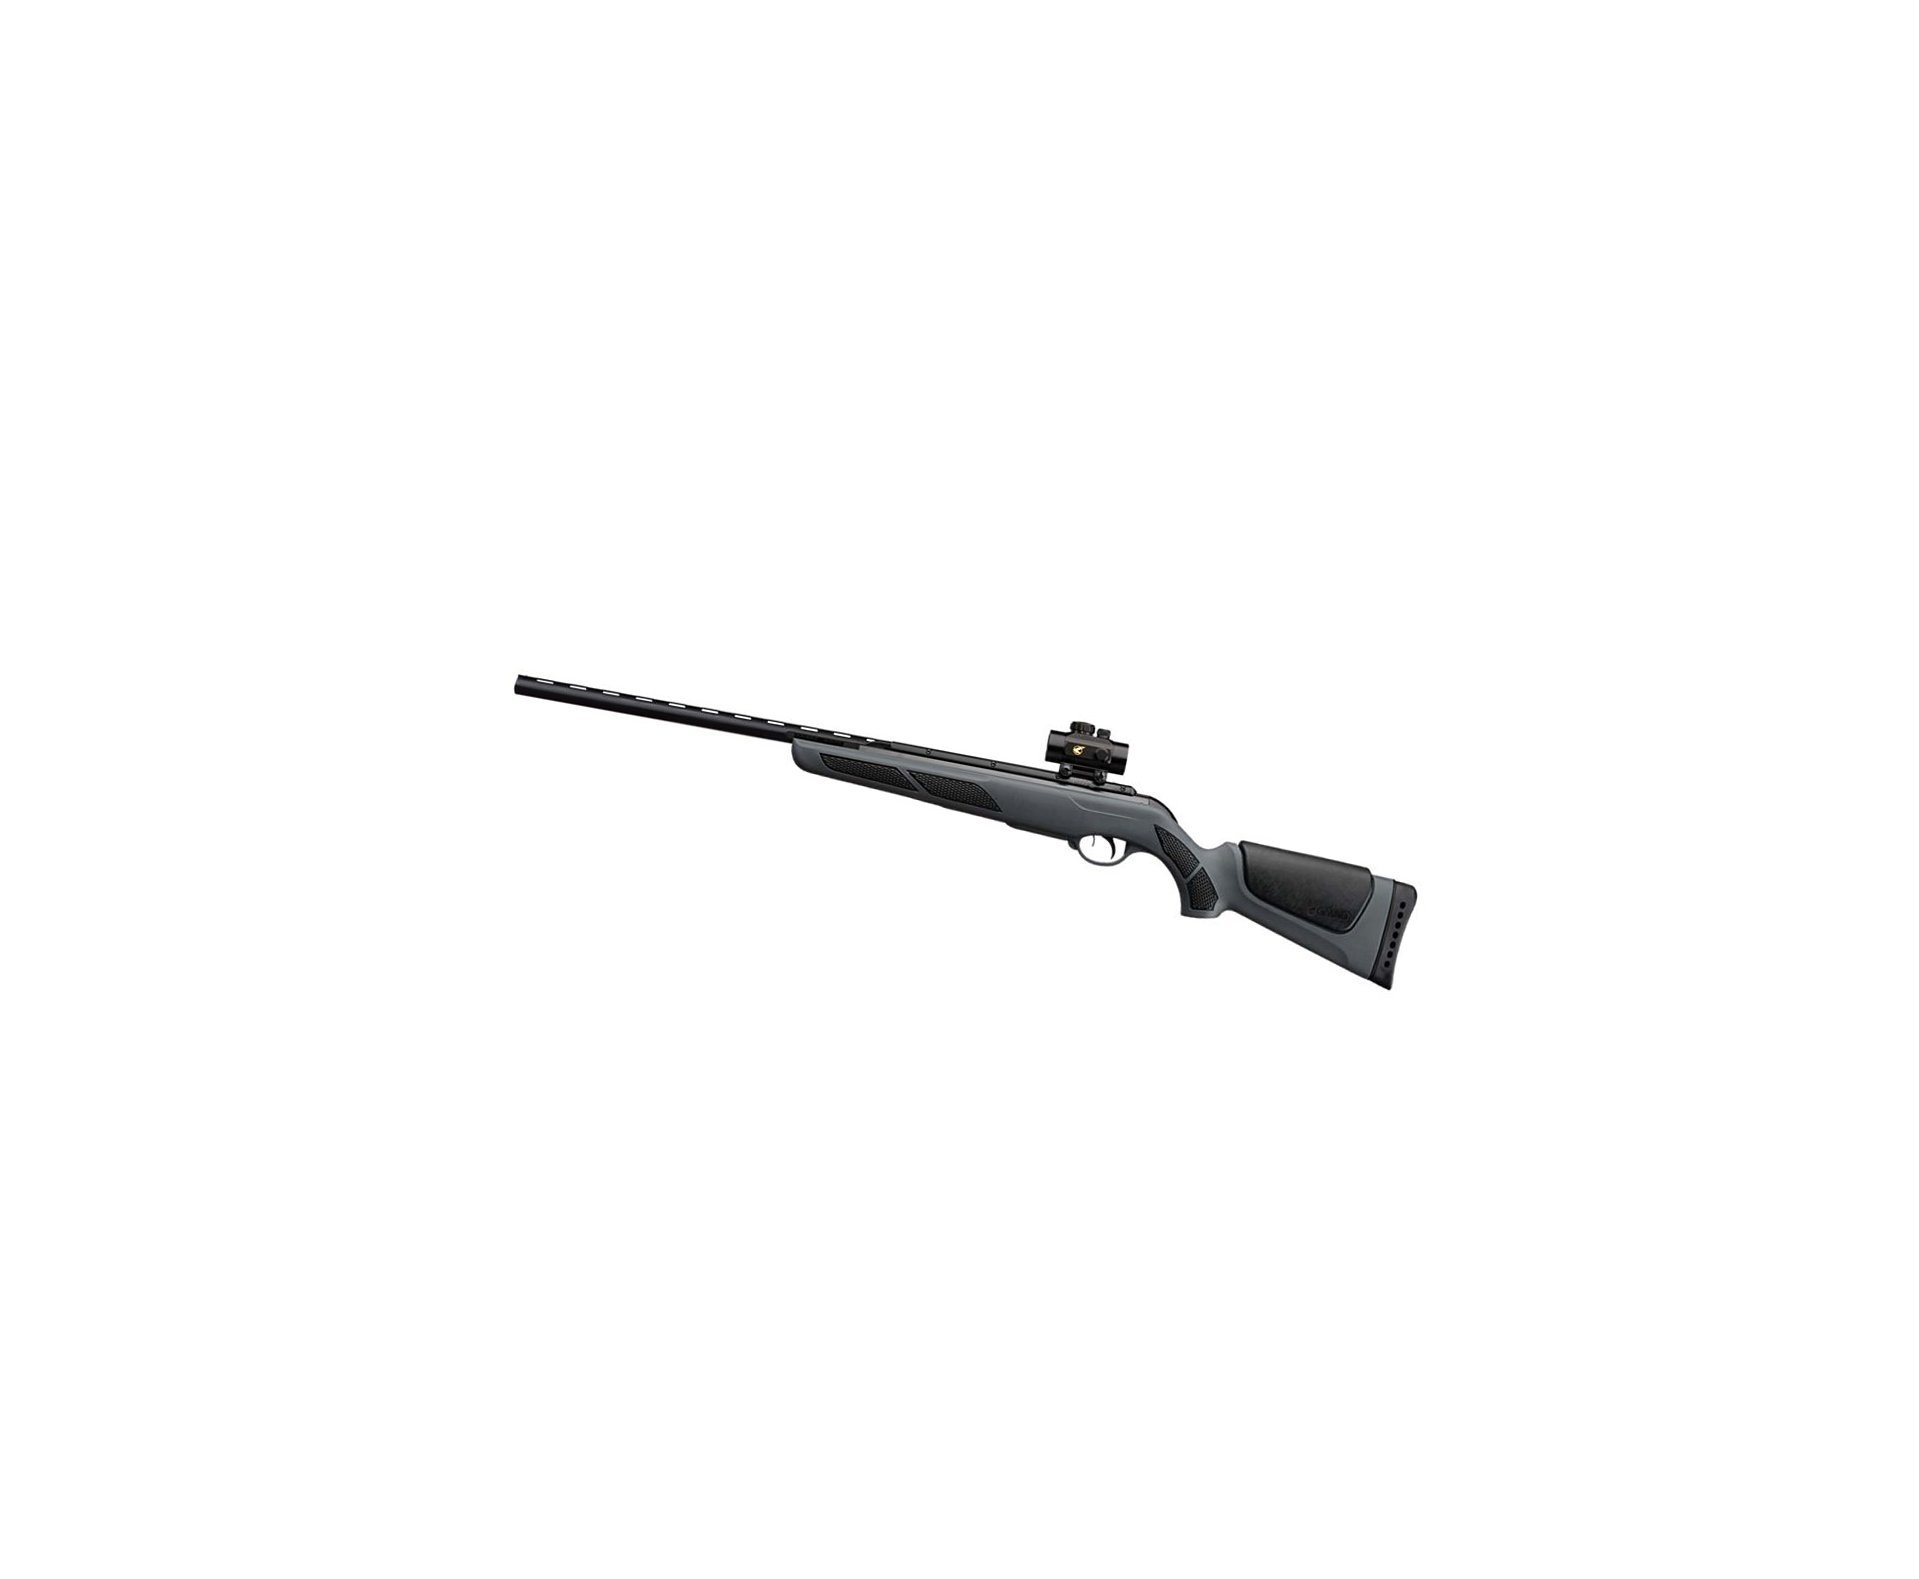 Carabina De Pressão Gamo Viper Skeet - Calibre 5,5 Mm